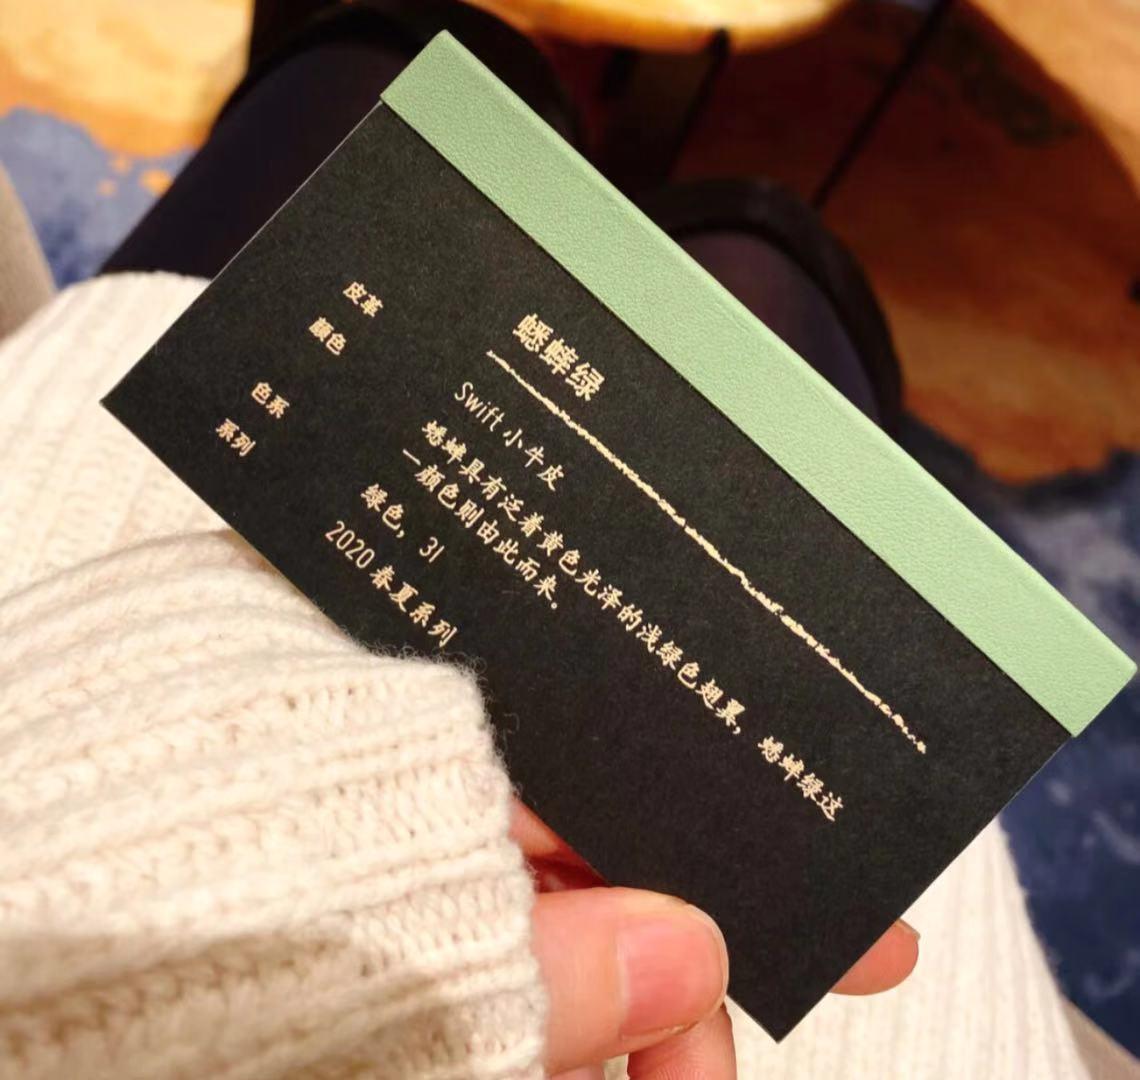 愛馬仕2020春夏新色 Hermes Verrou mini 3I 牛油果綠 Vert Criquet 蟋蟀綠